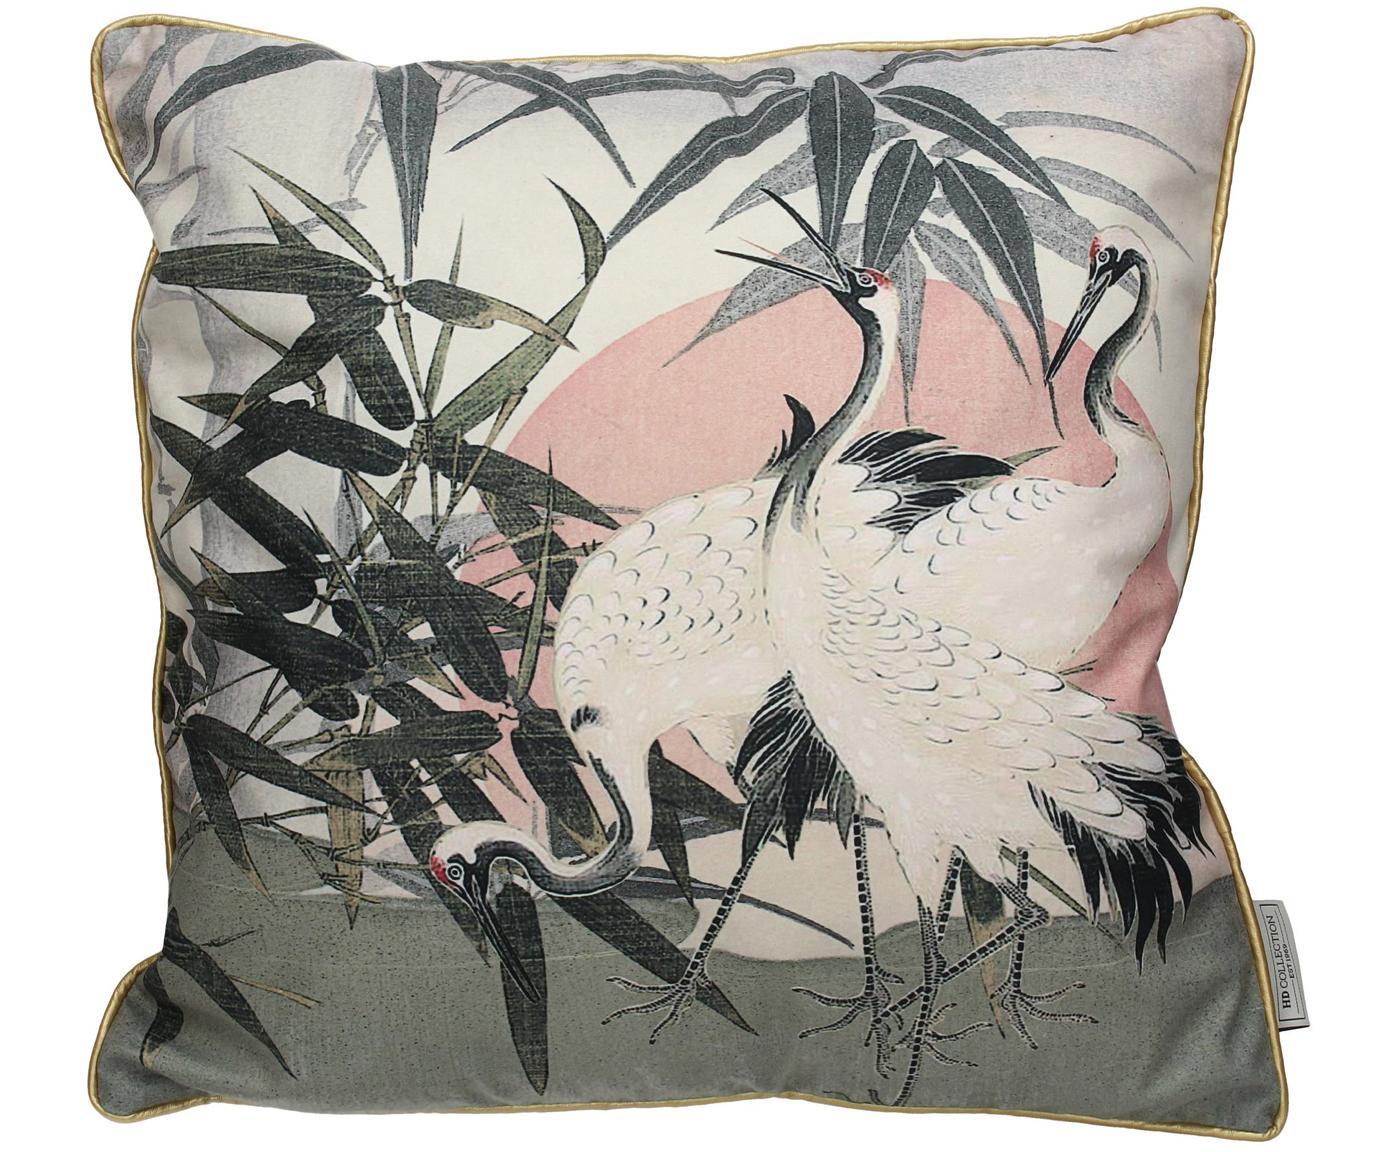 Fluwelen kussen Tripo met vogelmotief, met vulling, Polyester fluweel, Multicolour, 45 x 45 cm